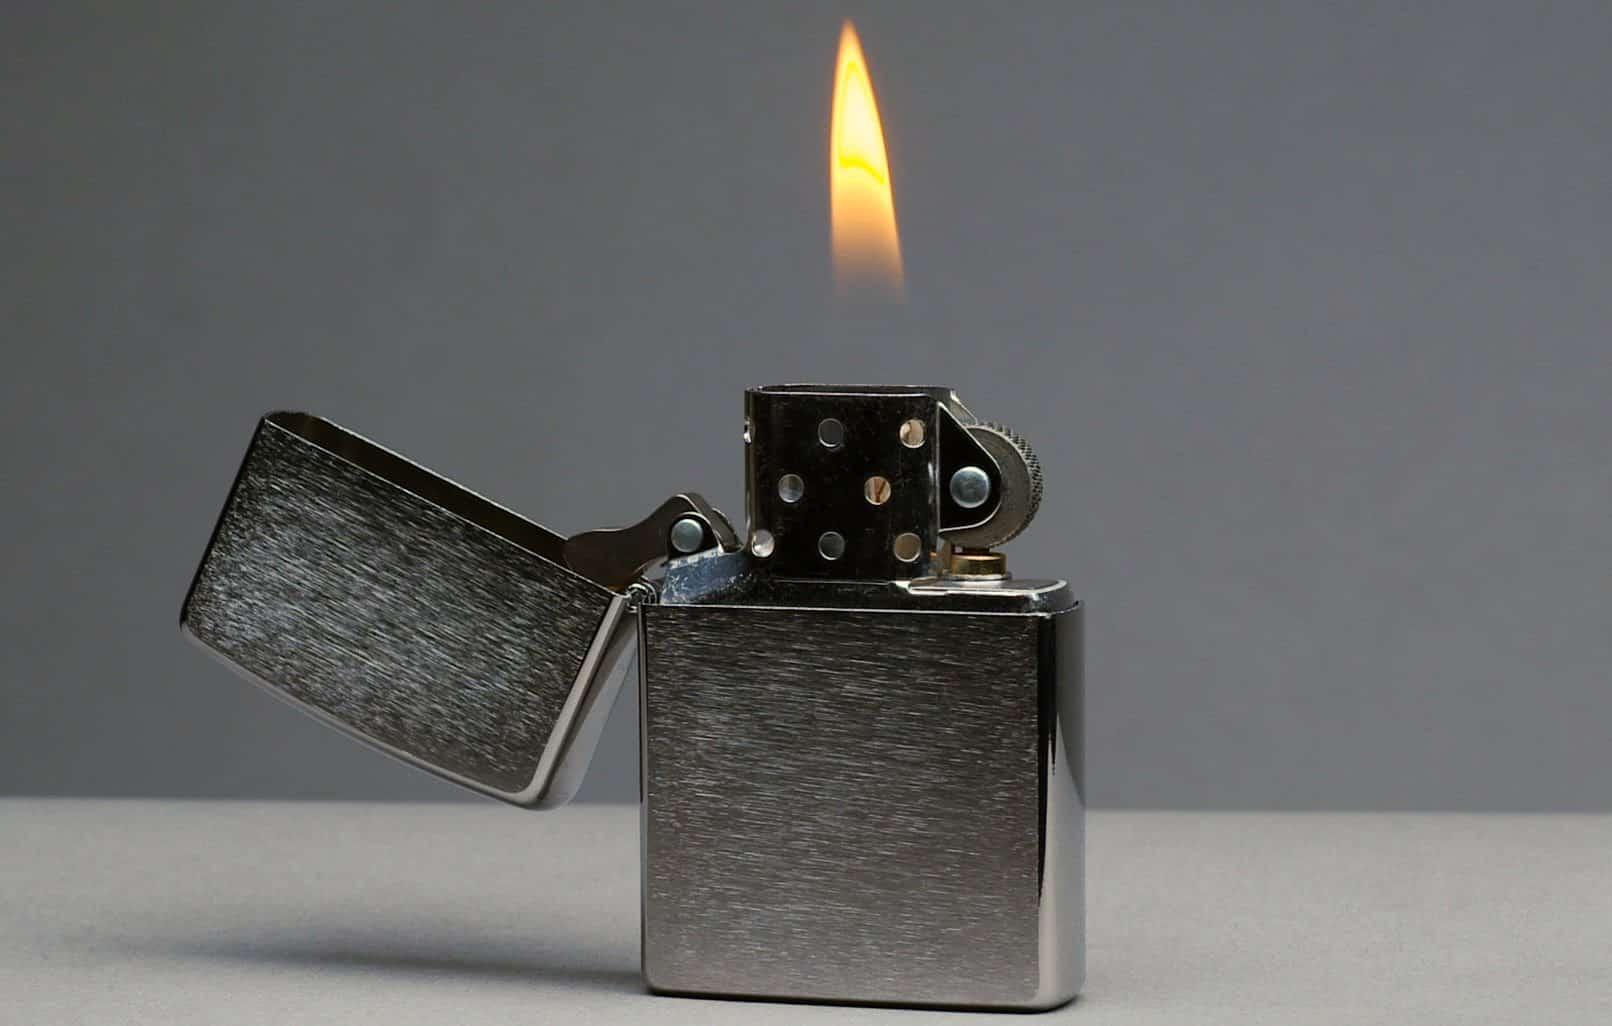 Zippo Lighter – start a fire